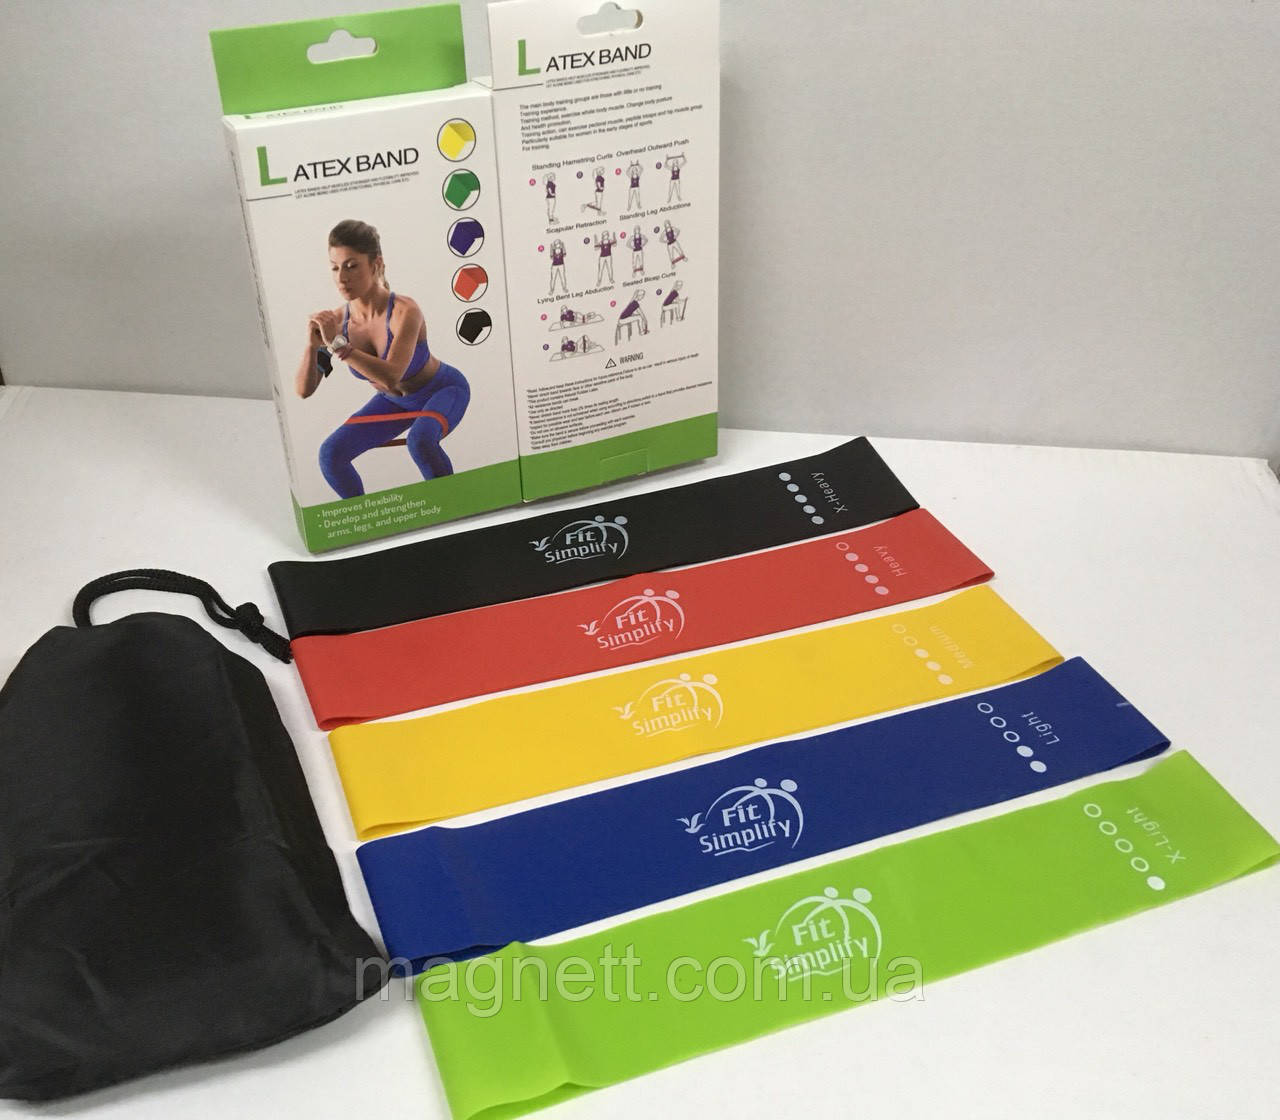 Набор фитнес резинок Latex band (В комплекте 5 штук+мешочек для хранения)